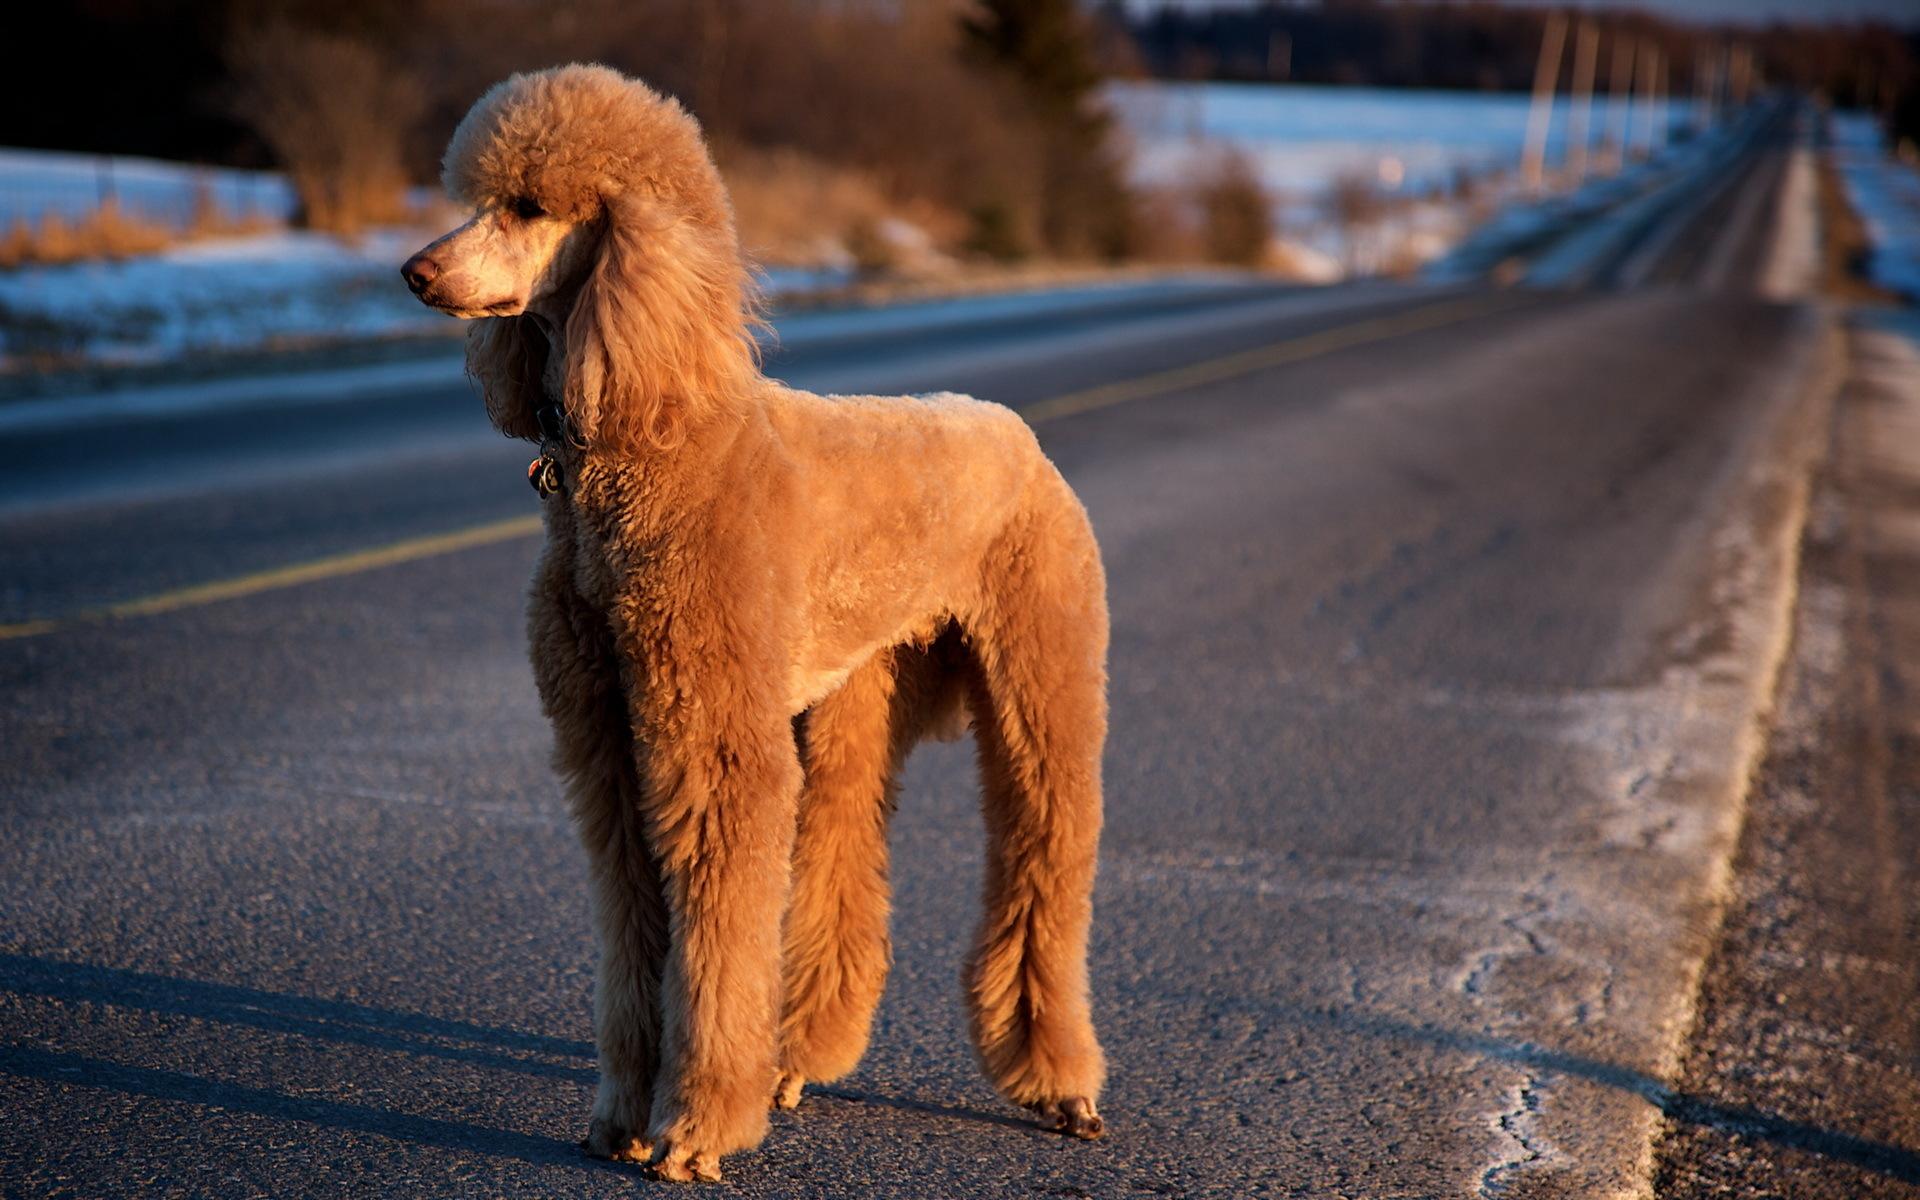 Скачать обои фото картинку на тему пудель, дорога, собака, разширение